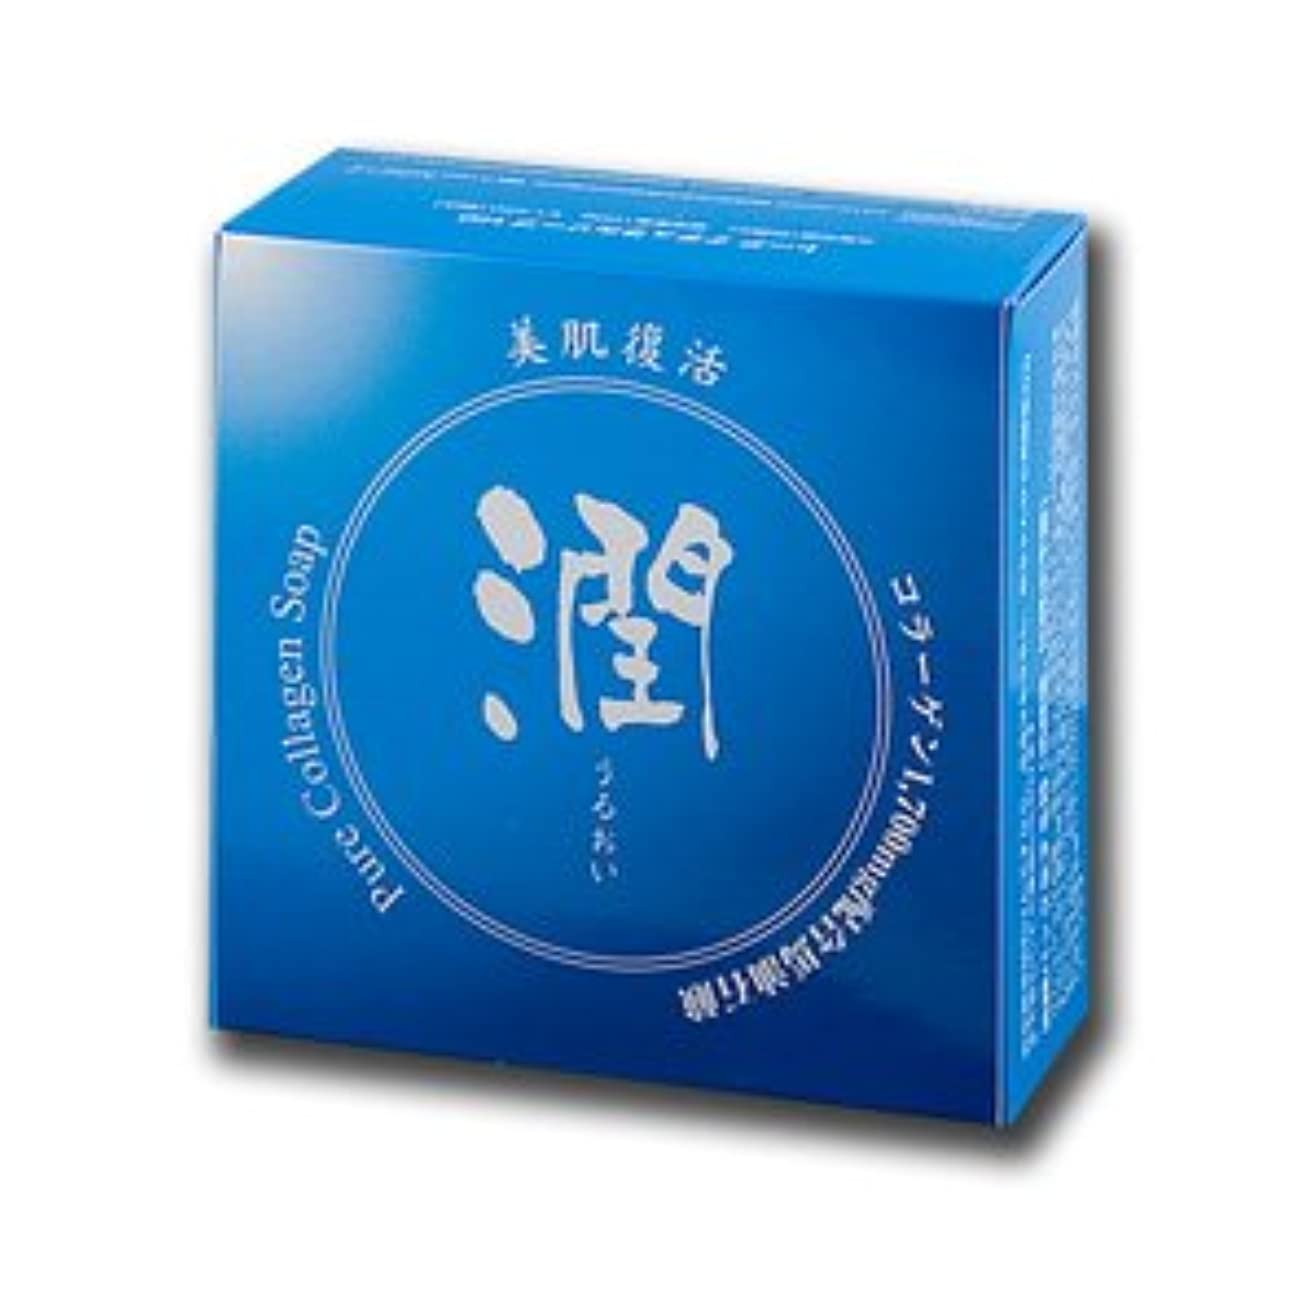 バッテリー調べる識別コラーゲン馬油石鹸 潤 100g (#800410) ×5個セット